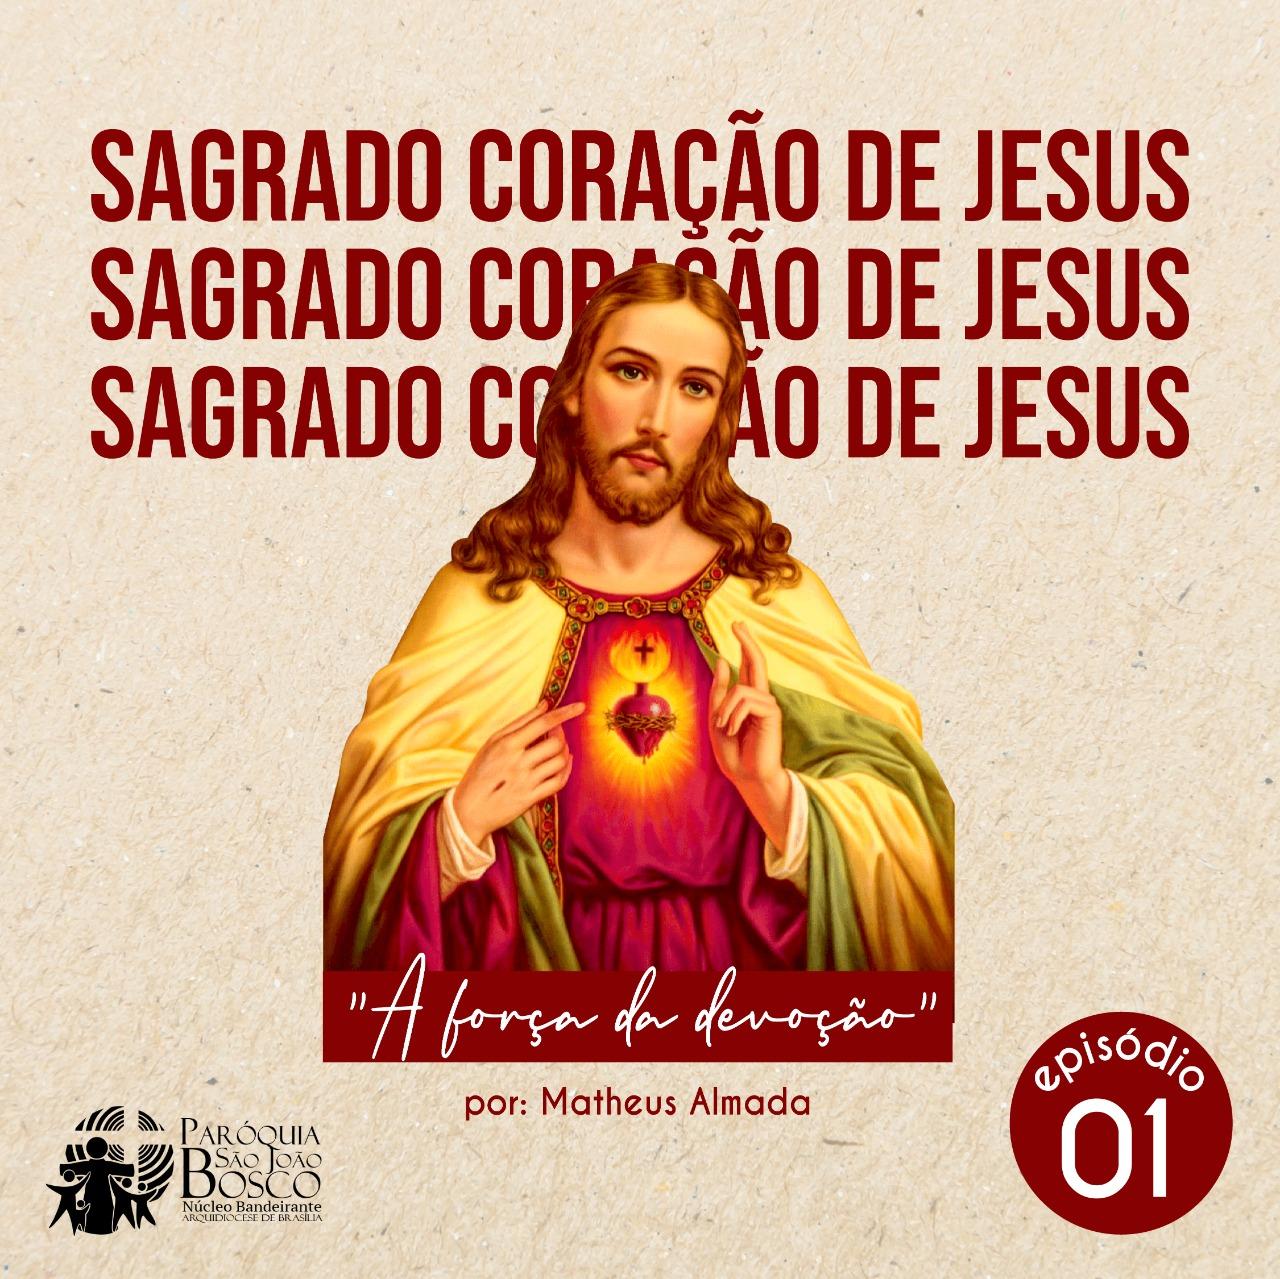 Podcast Sagrado Coração de Jesus